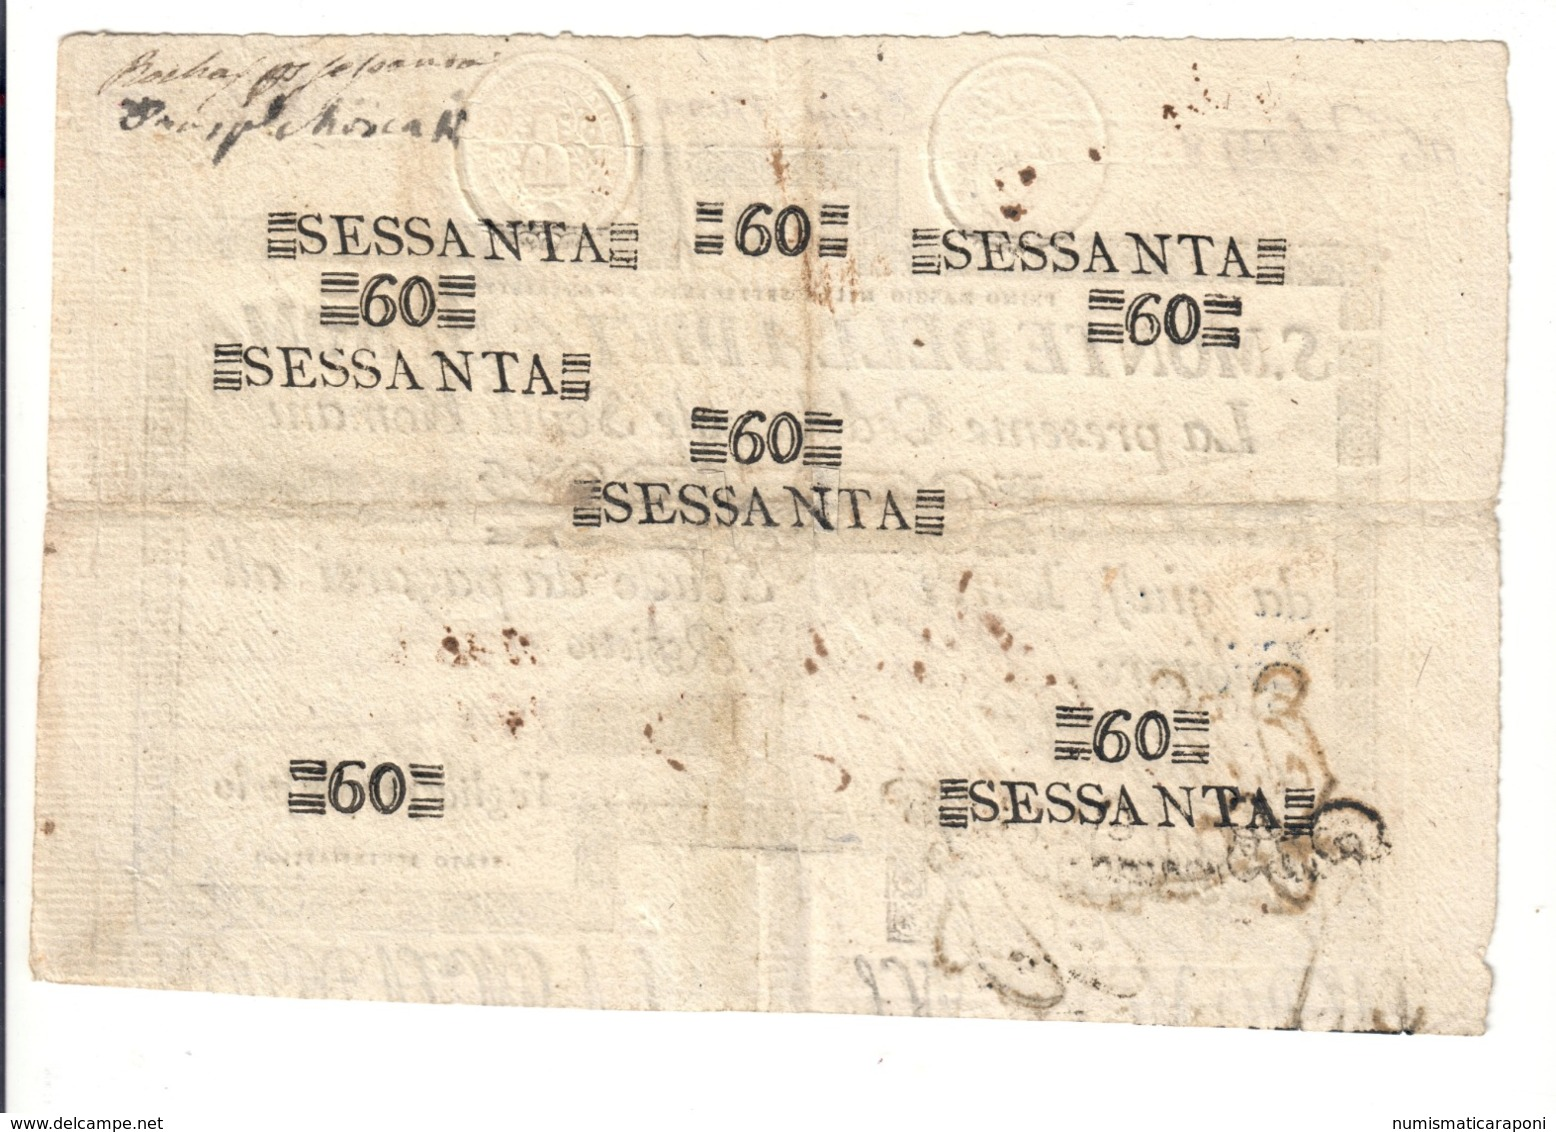 SACRO MONTE DI PIETA' ROMA 01 05 1797 60 SCUDI Ottimo Esemplare Bb/spl Taglietti  LOTTO 2490 - Italia